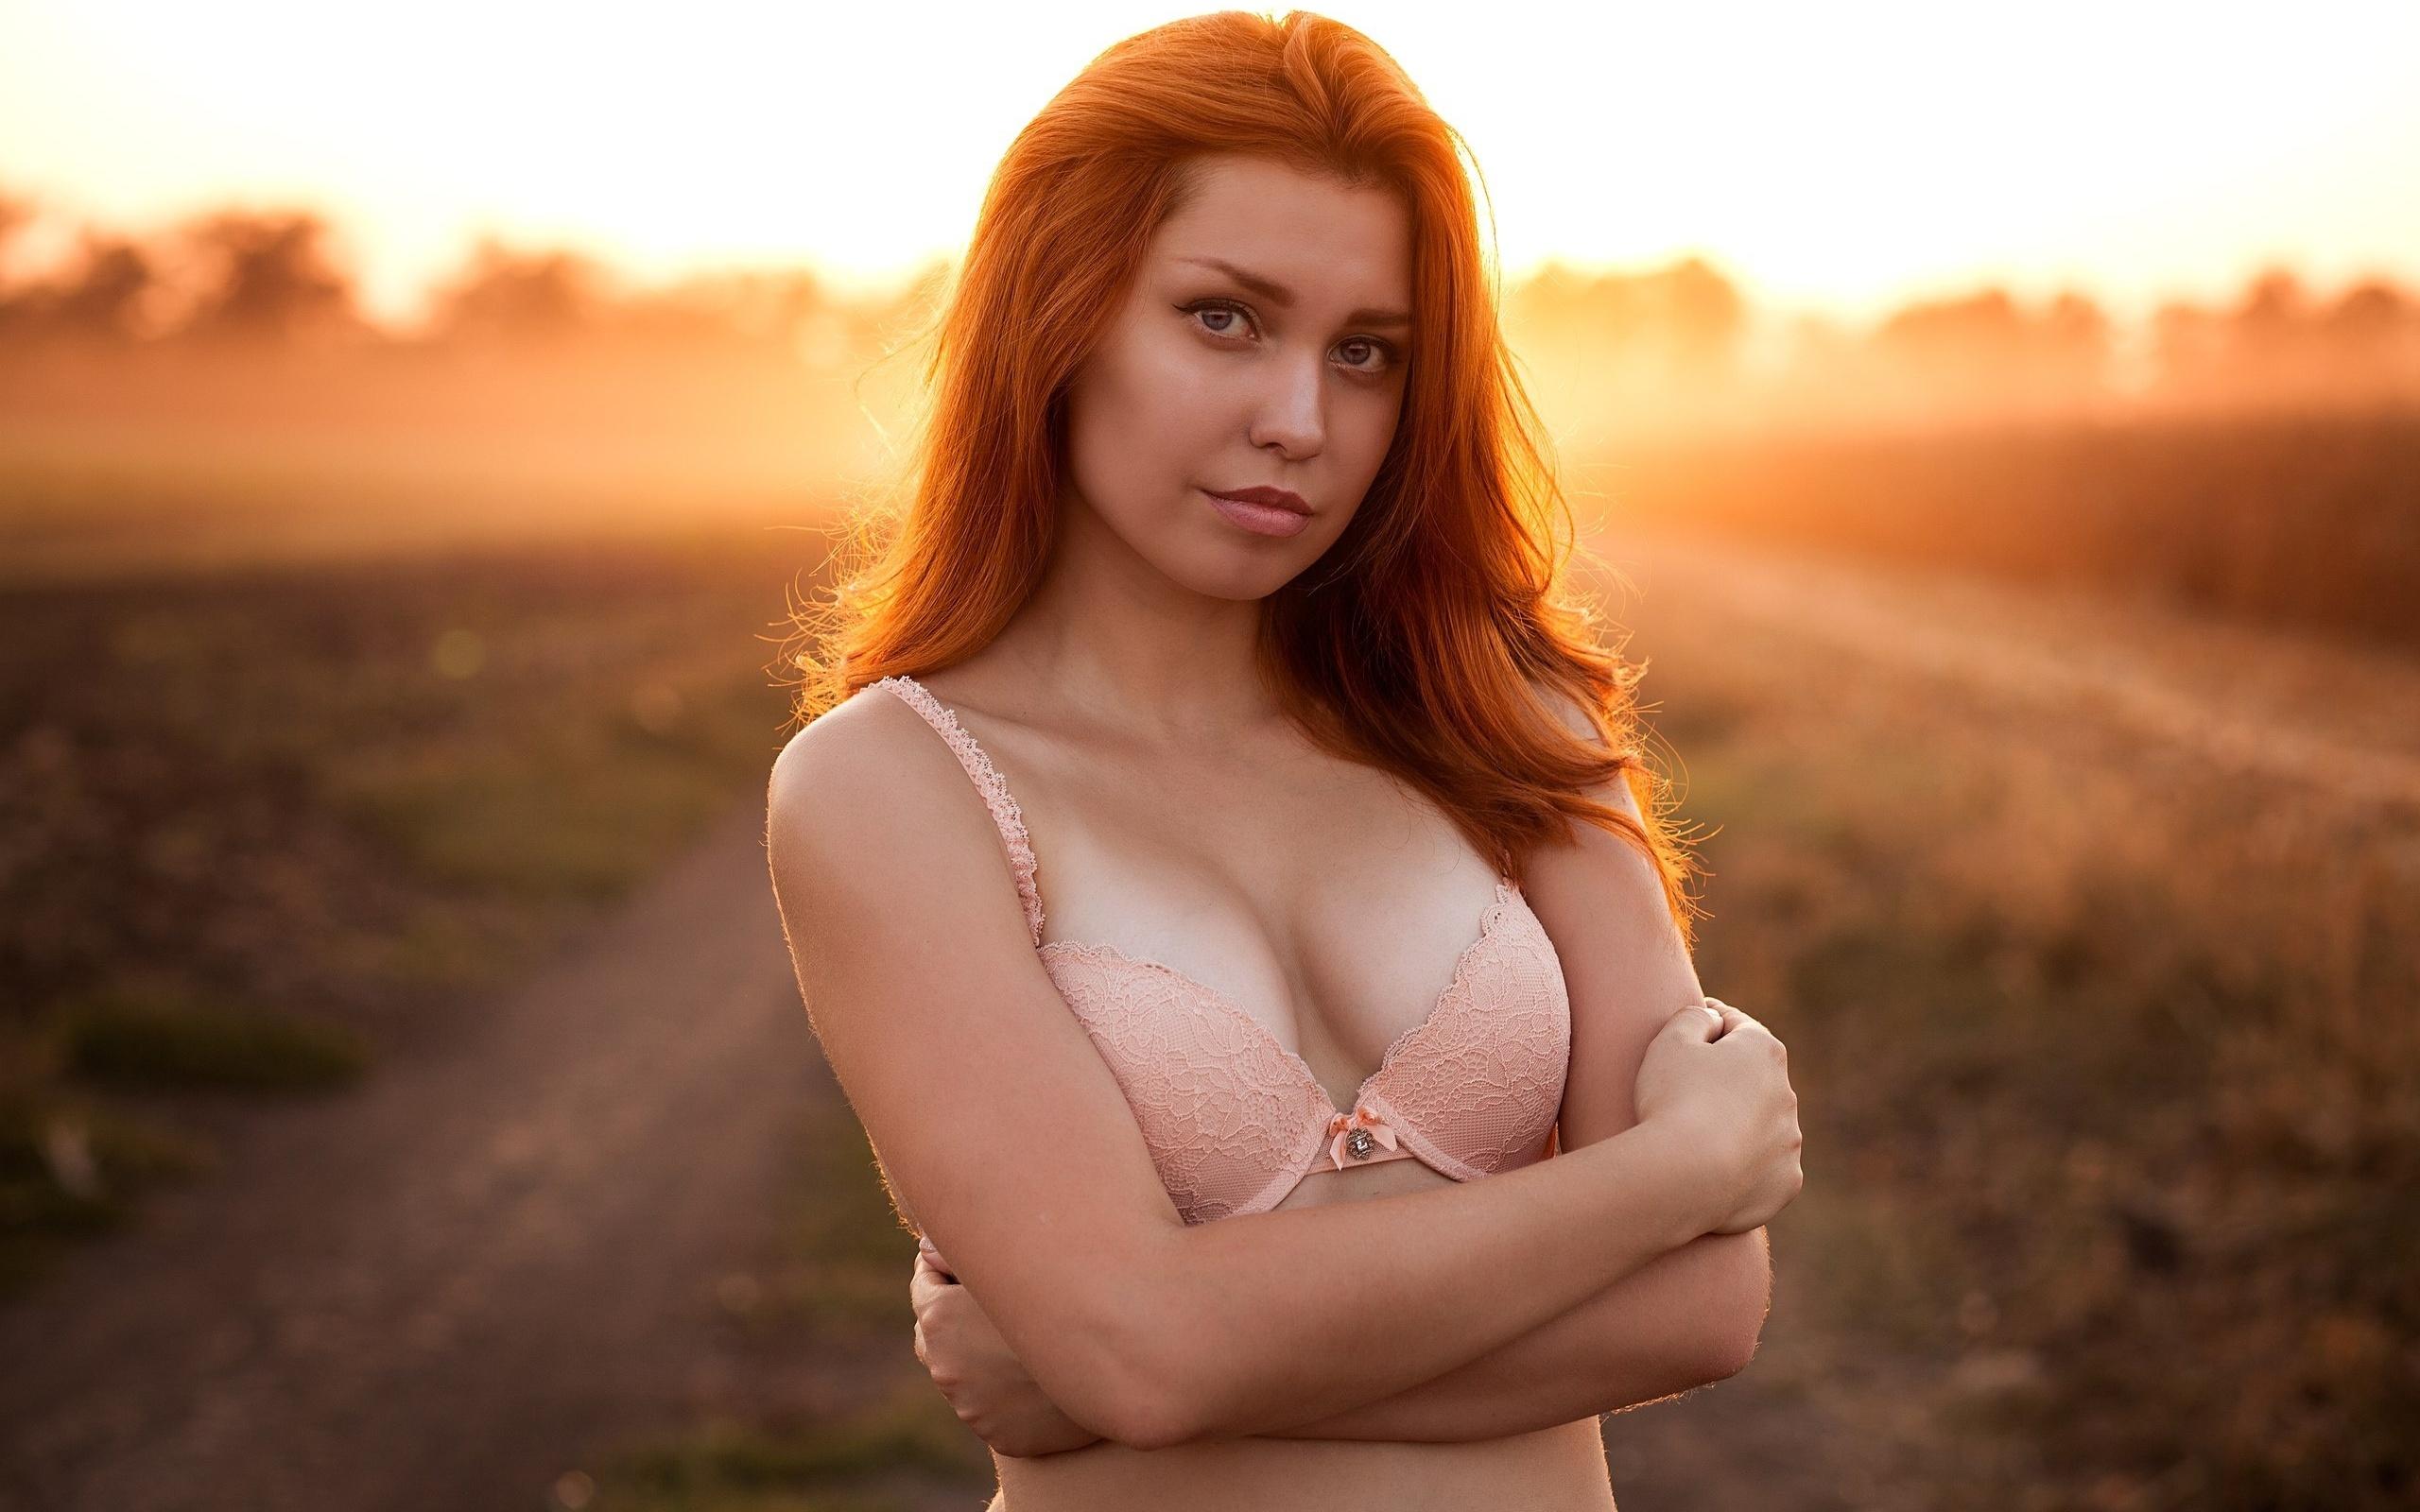 foto-rizhaya-razdevaetsya